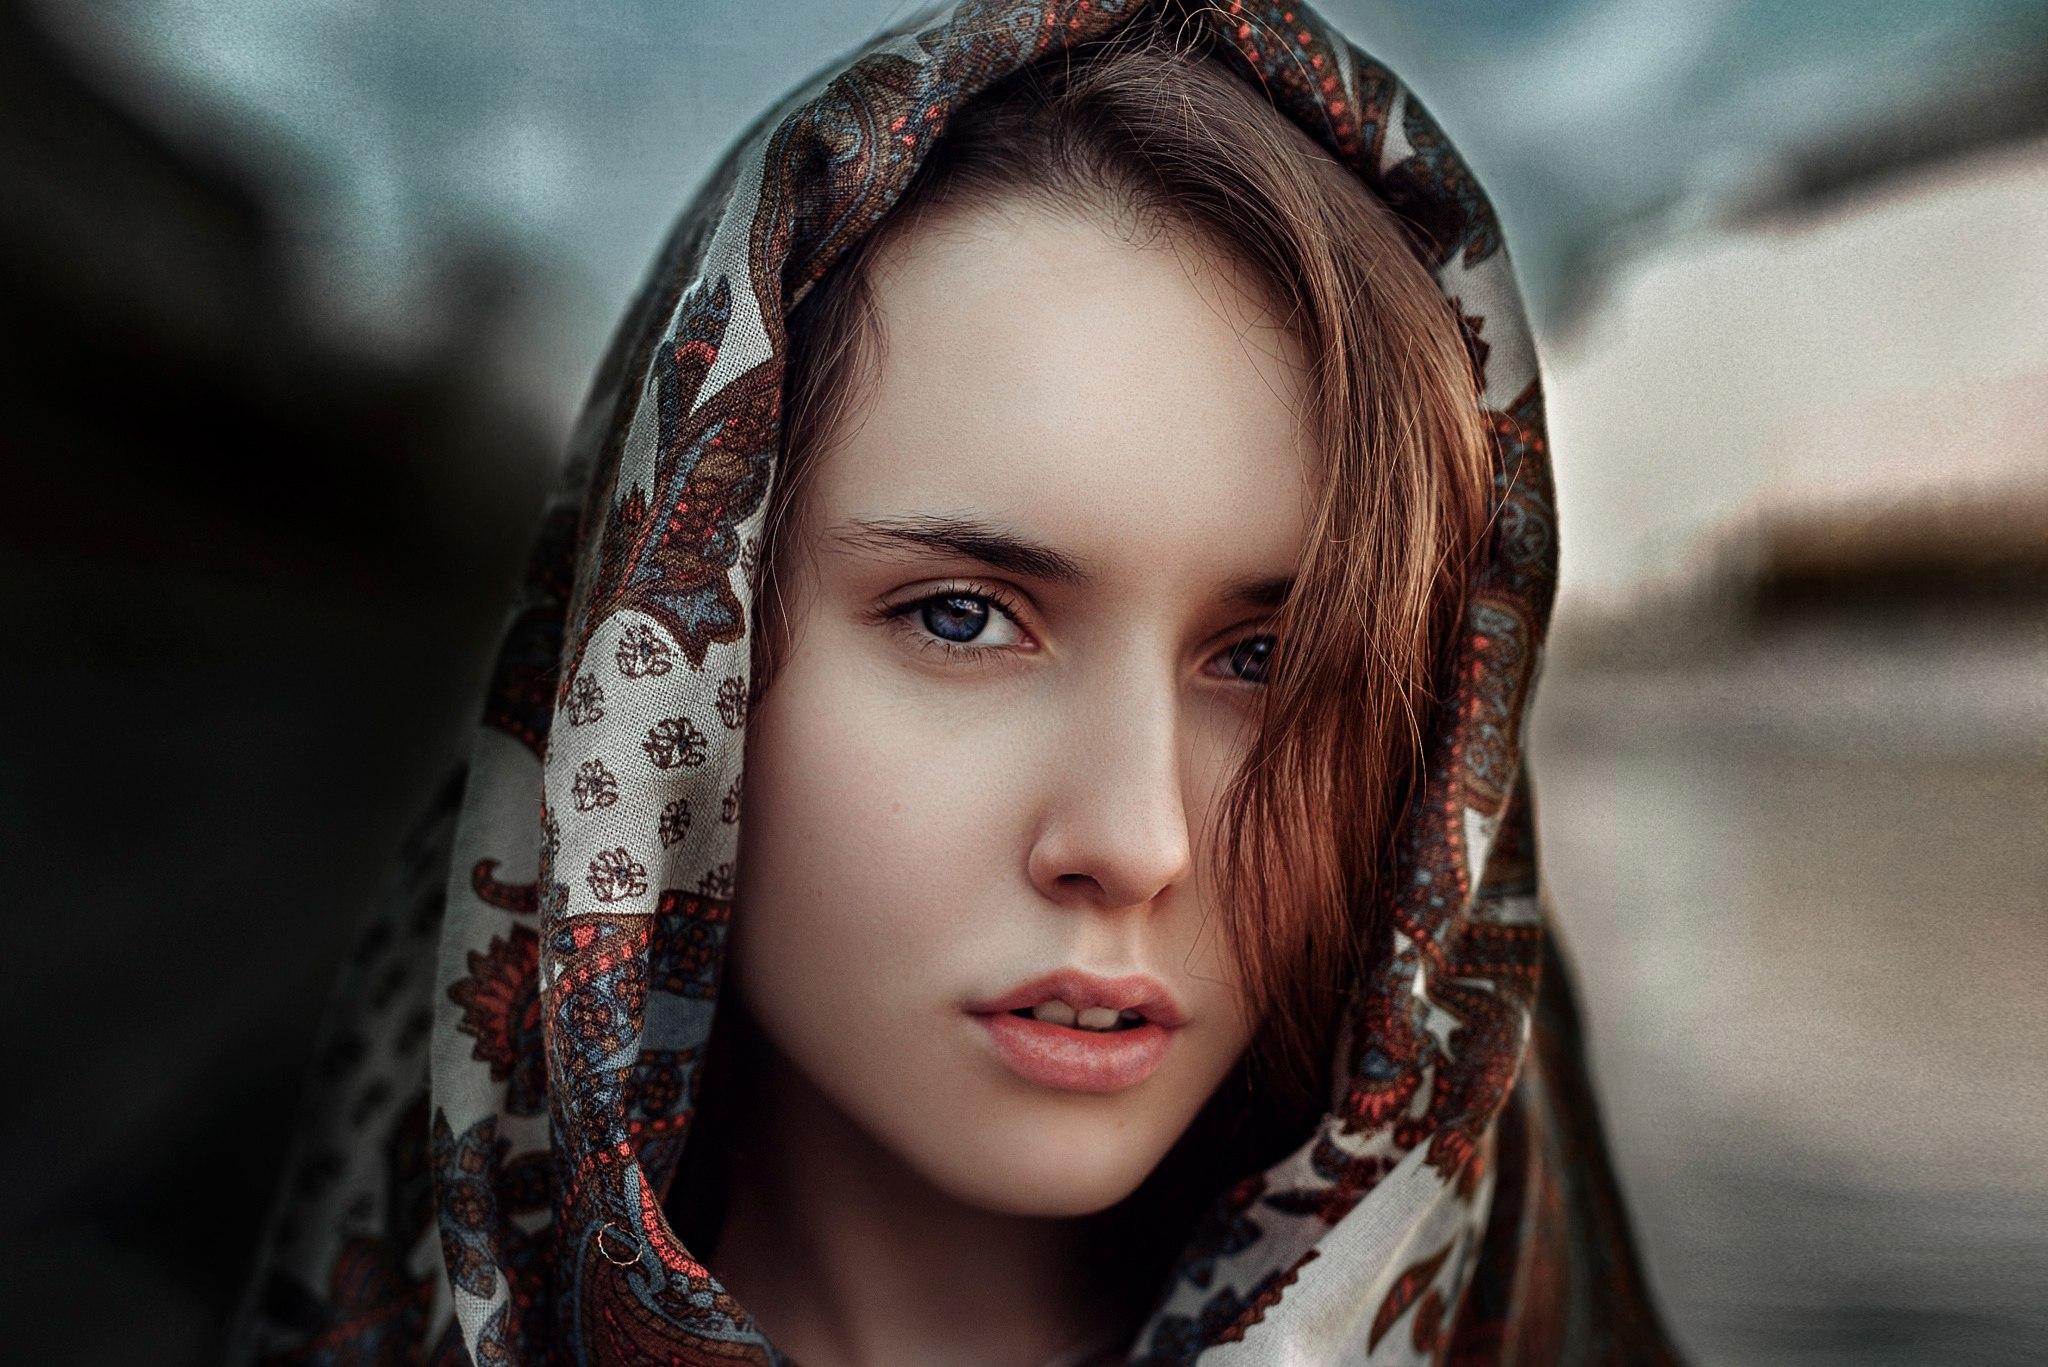 фотосессии девушек россия - 7